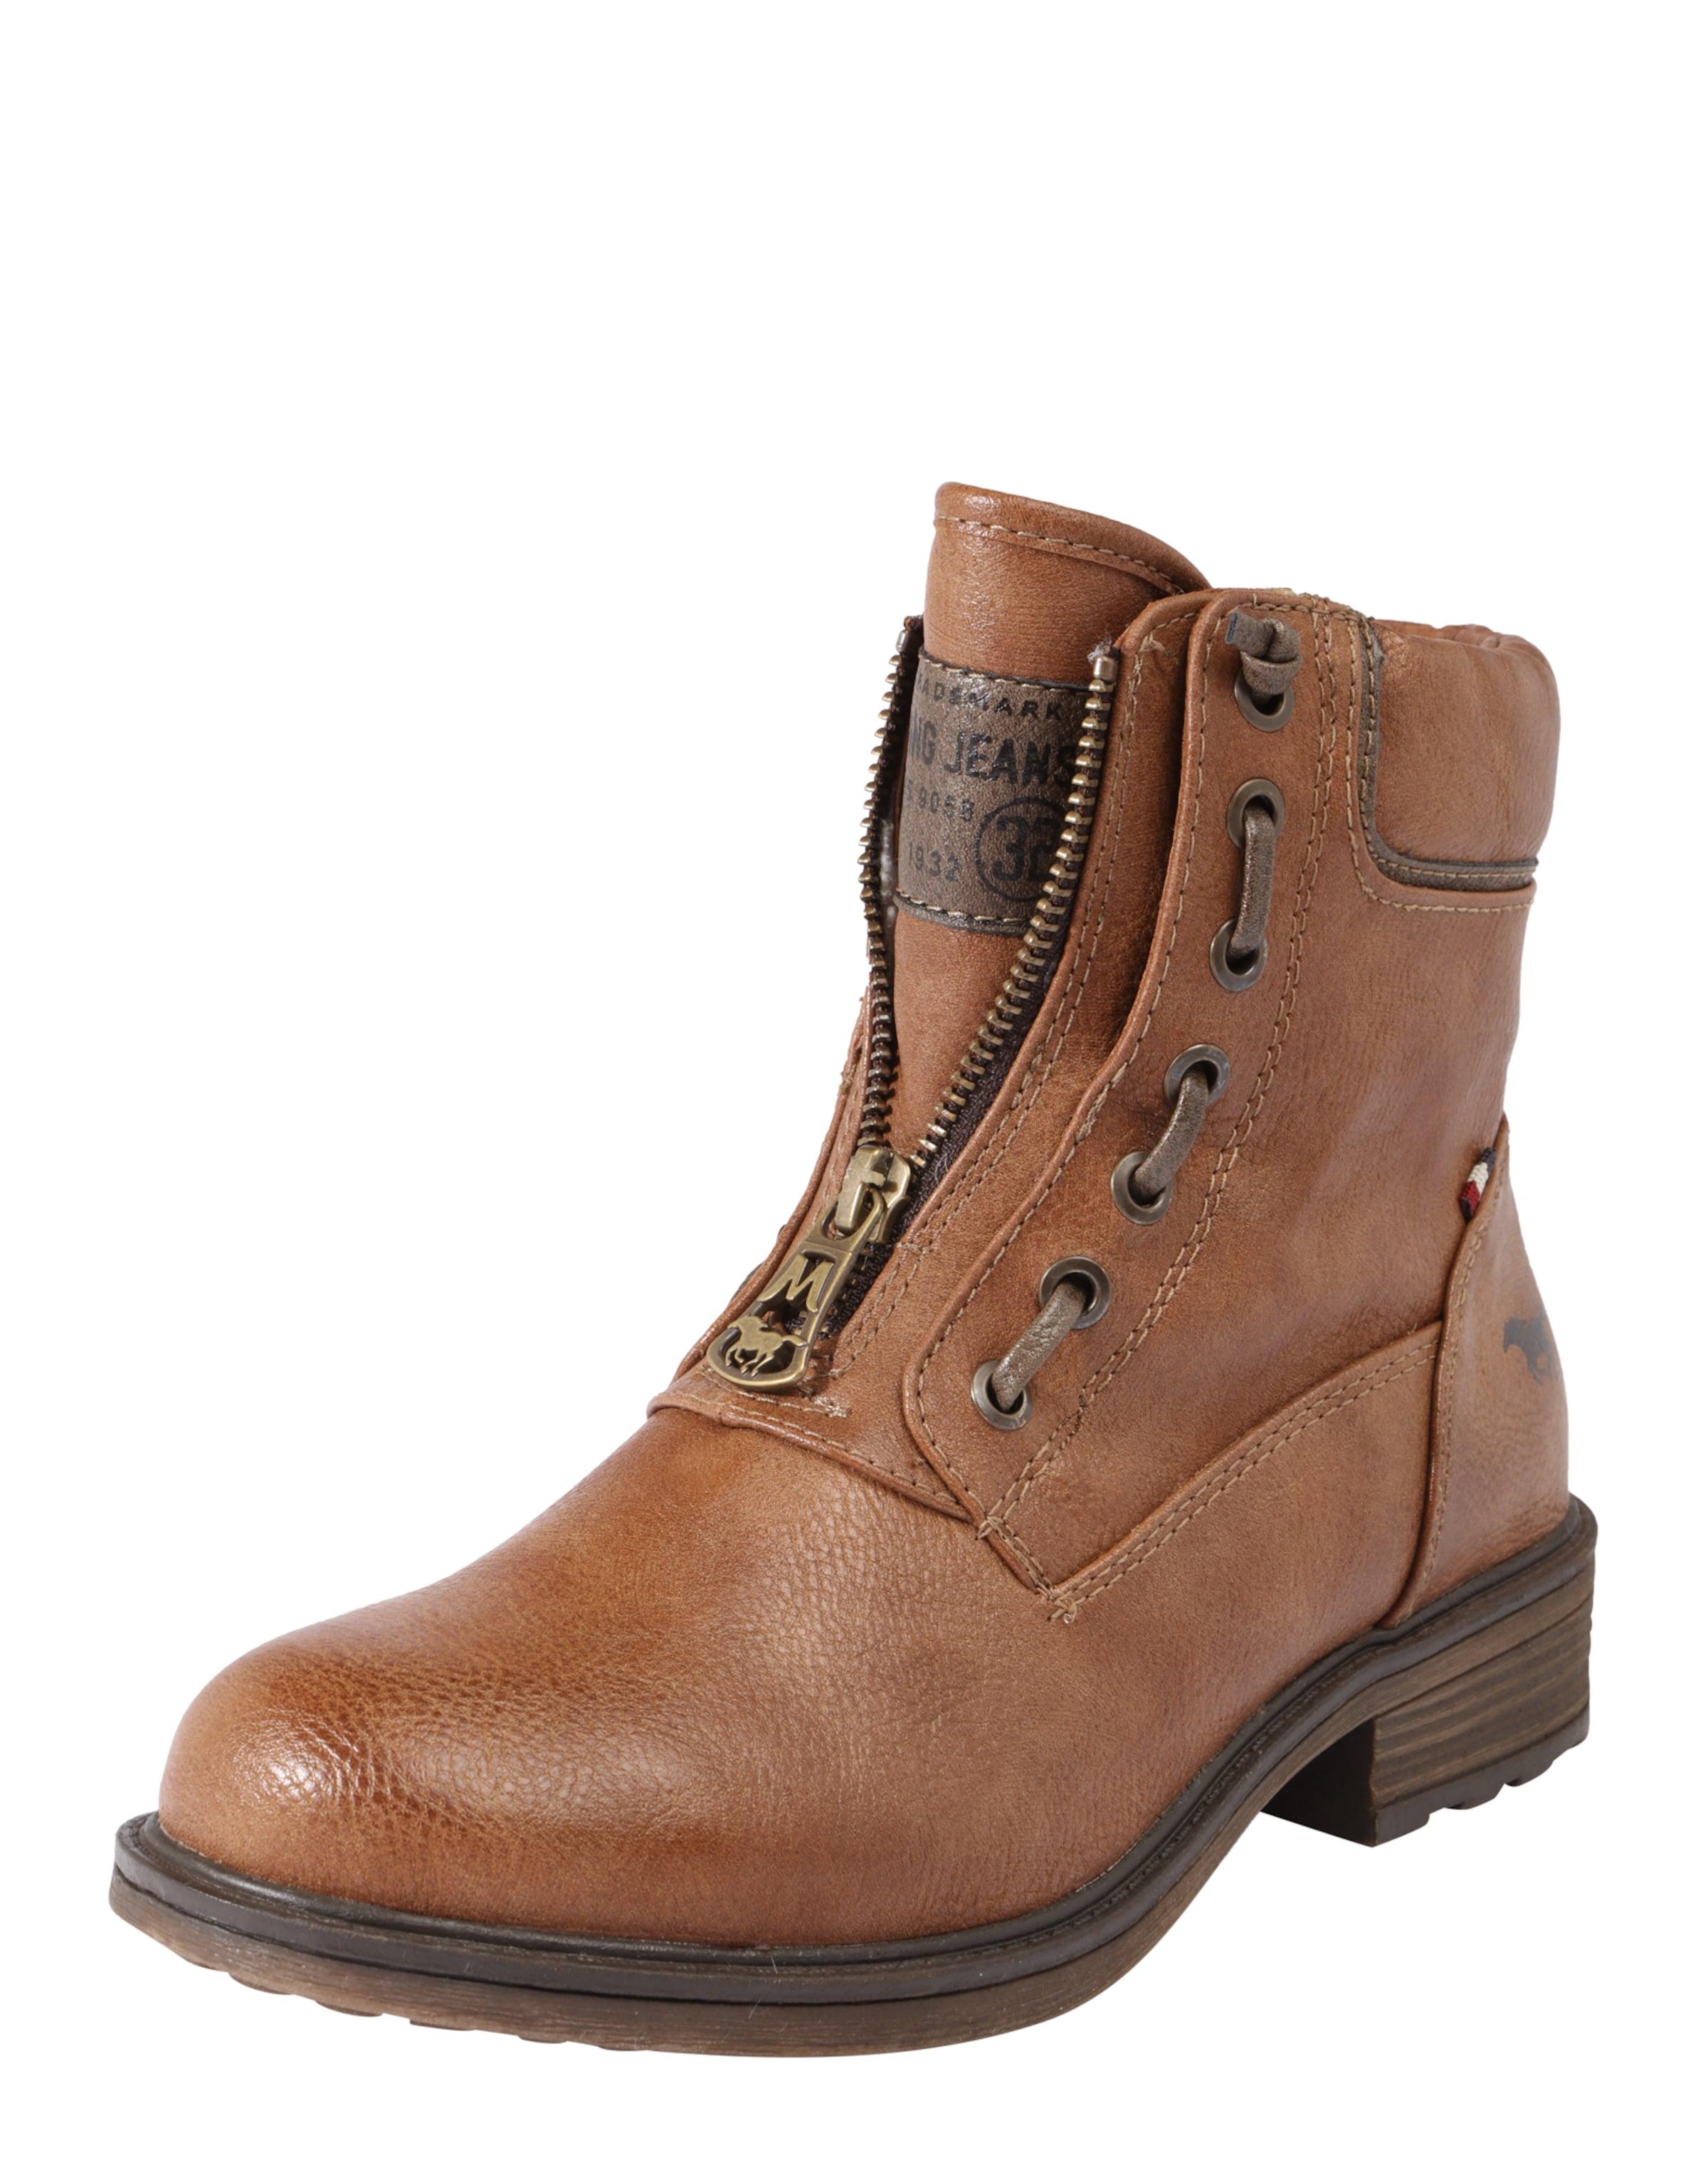 Haltbare Mode billige Schuhe im MUSTANG | Bootie im Schuhe Leder-Look Schuhe Gut getragene Schuhe f3bded